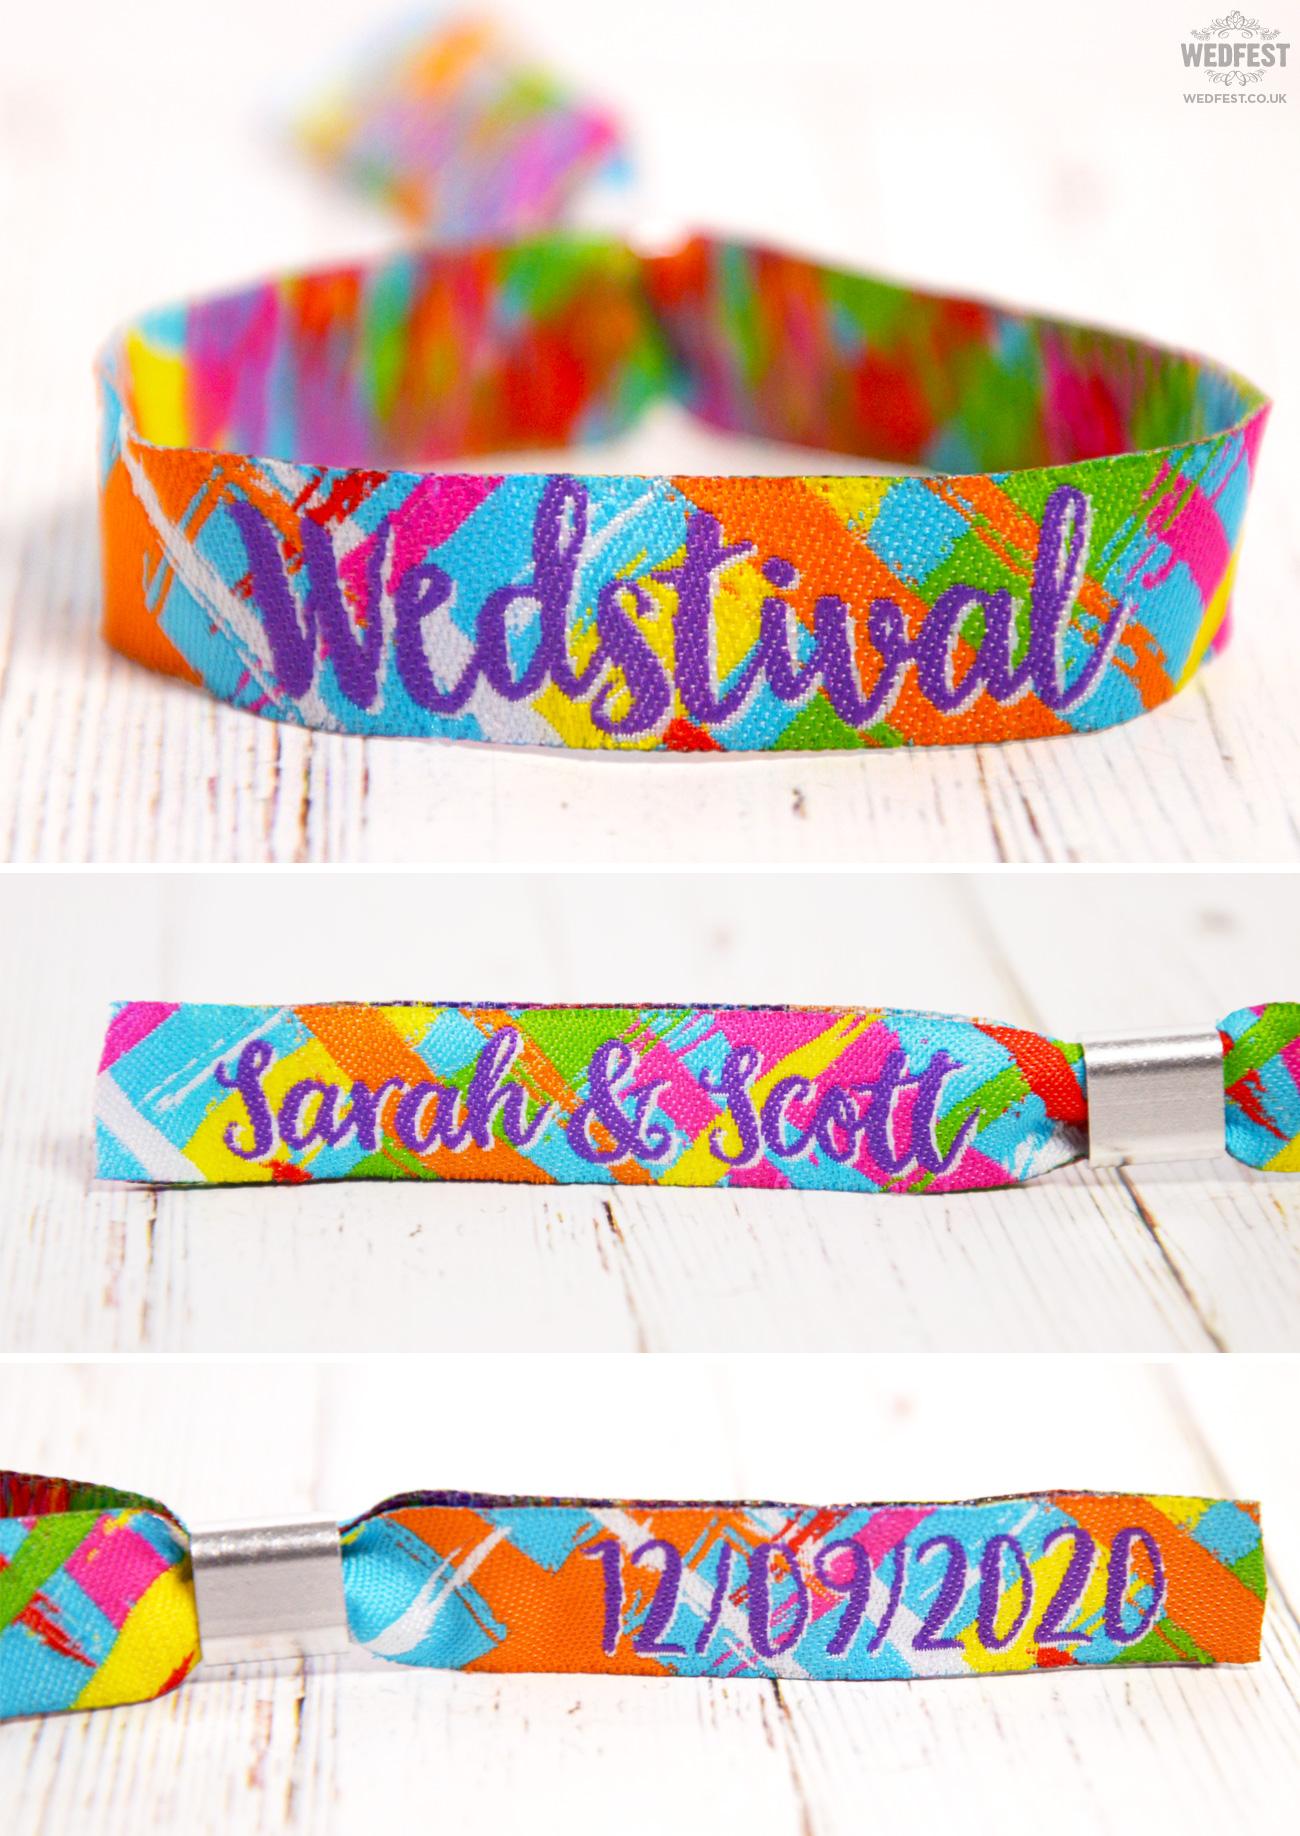 wedstival festival wedding-wristbands armbands bracelets